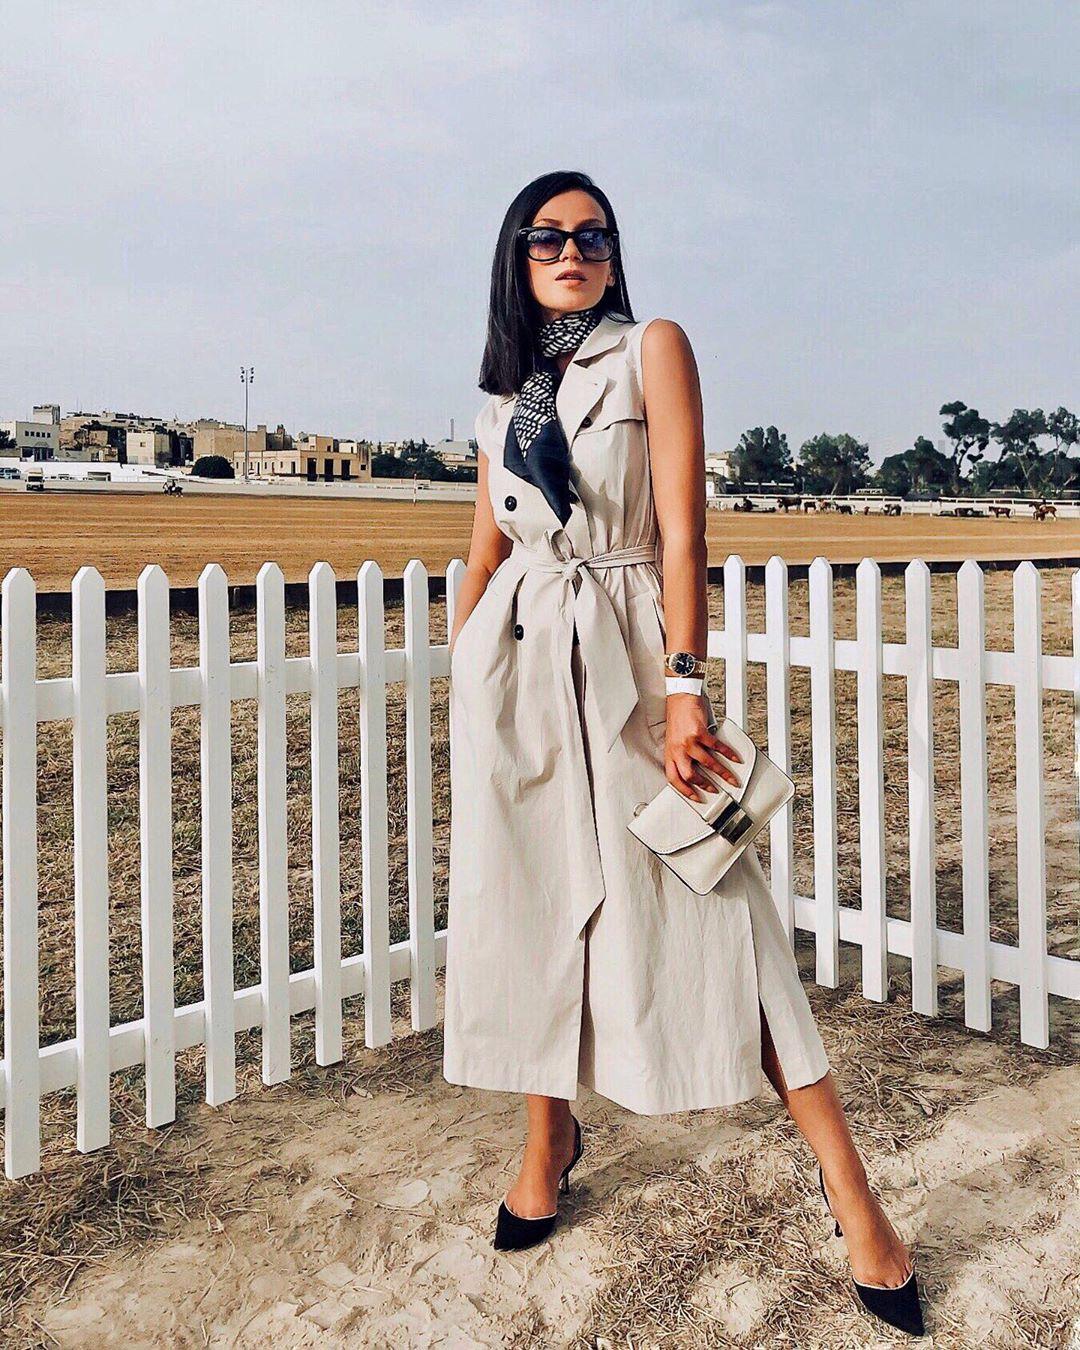 модный летние образы для бизнес-леди фото 13